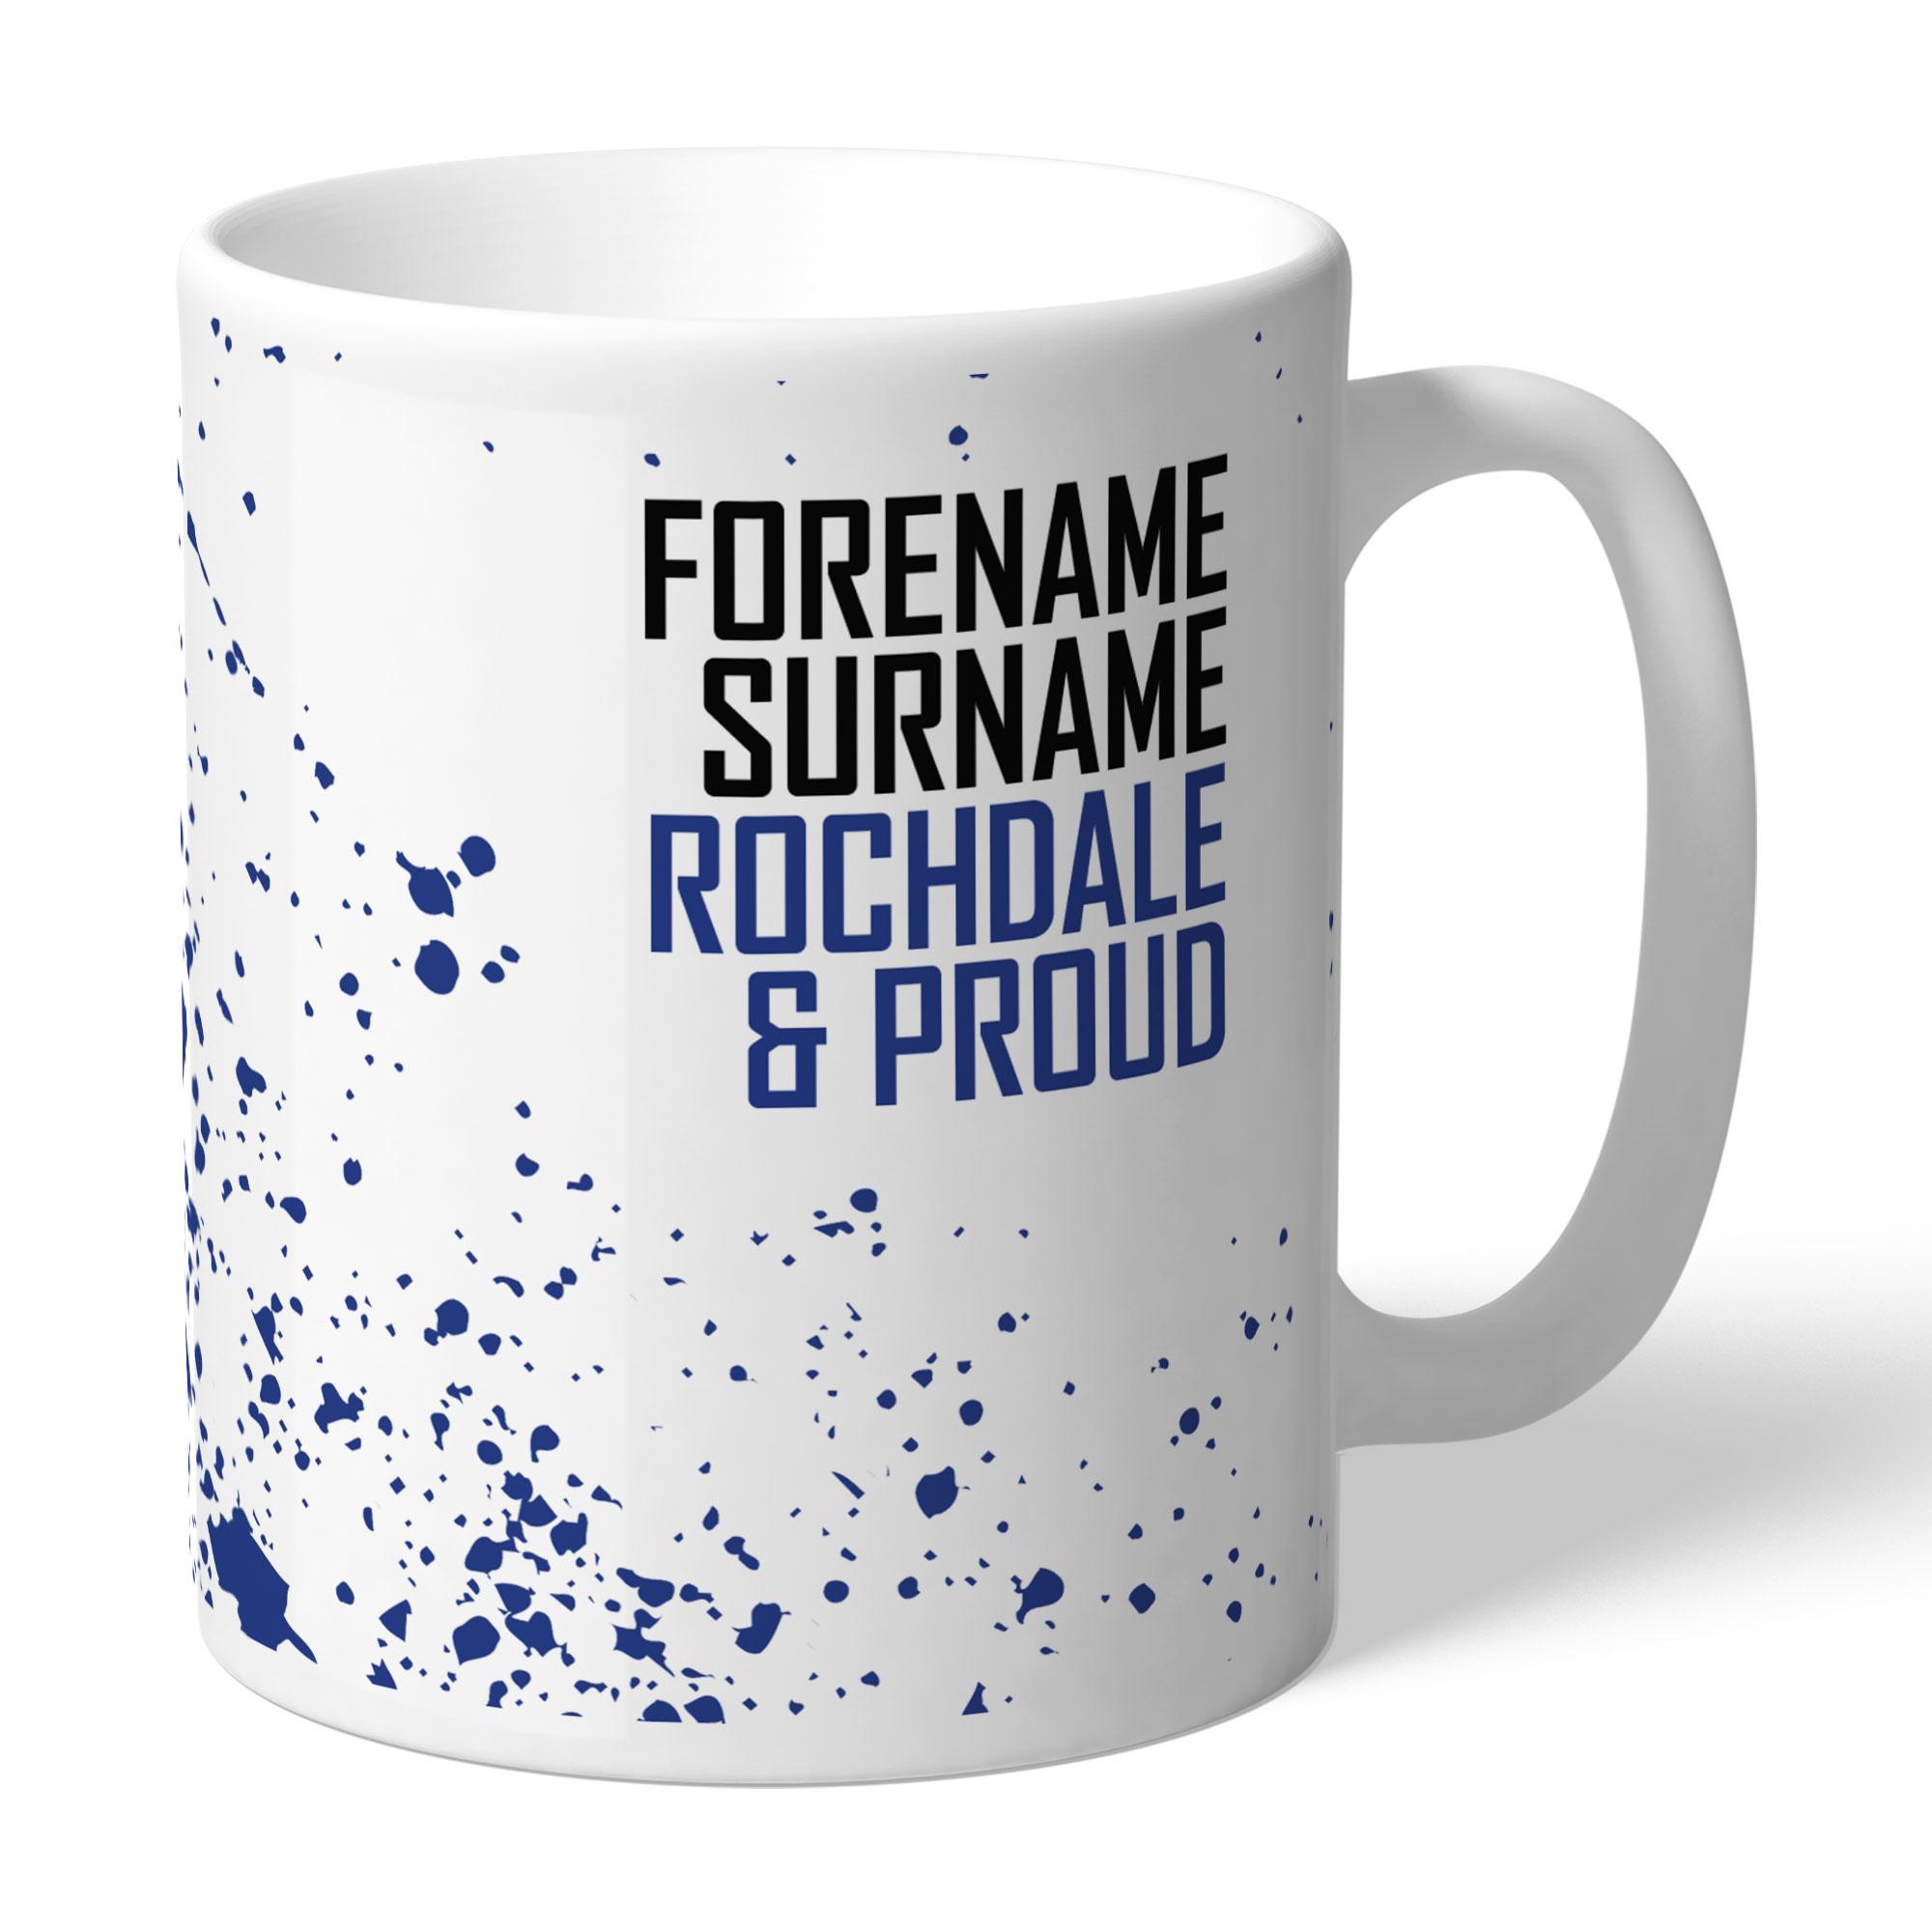 Rochdale AFC Proud Mug